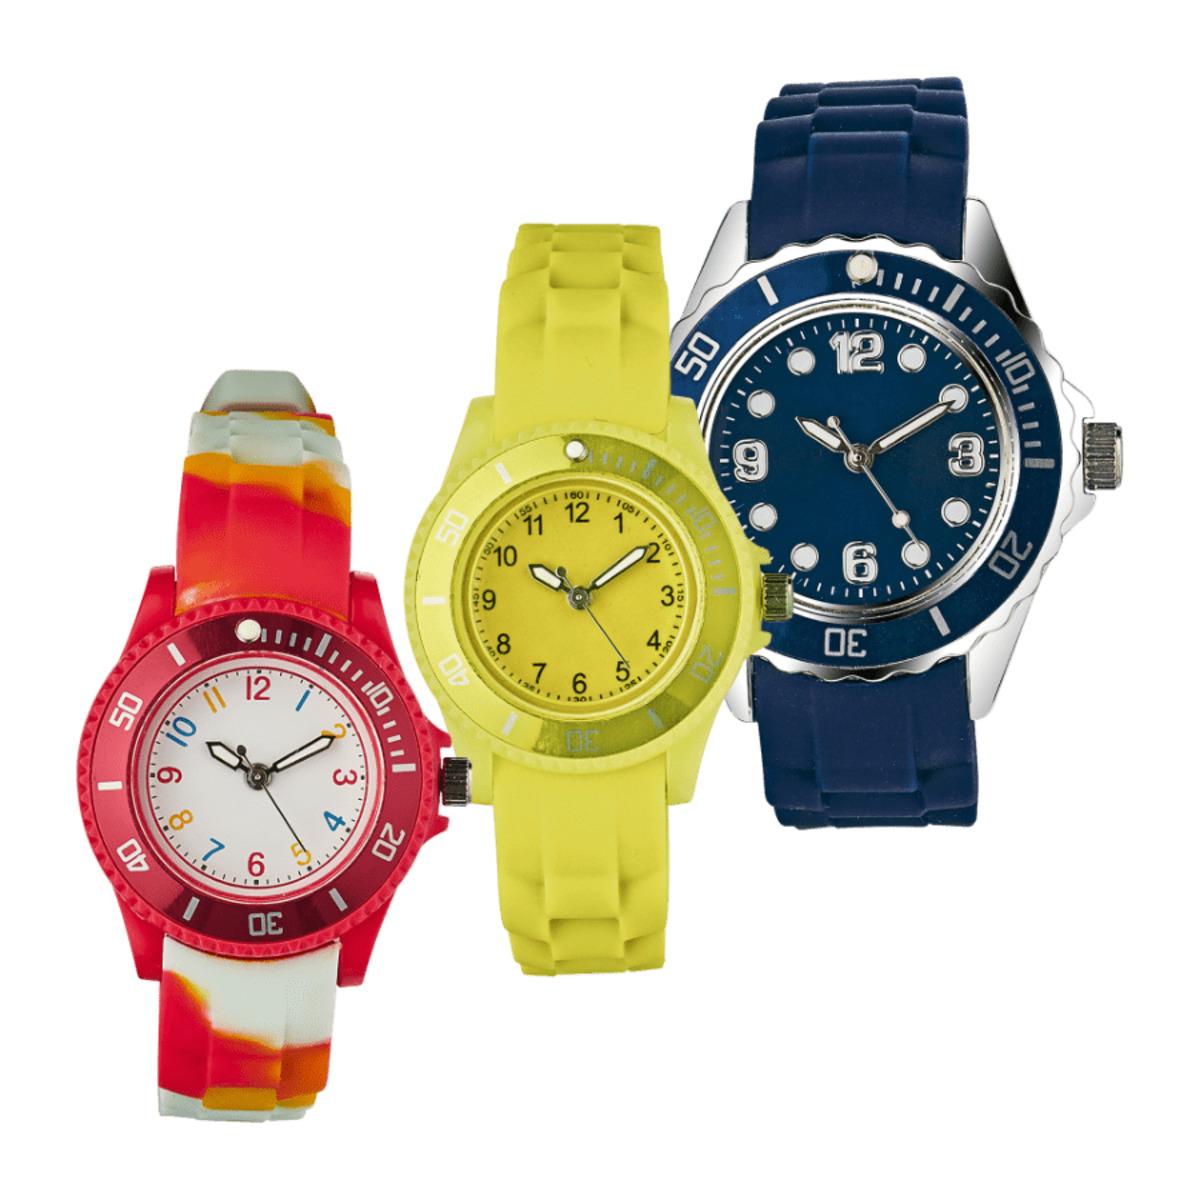 Bild 1 von KRONTALER     Mini-Colourwatch